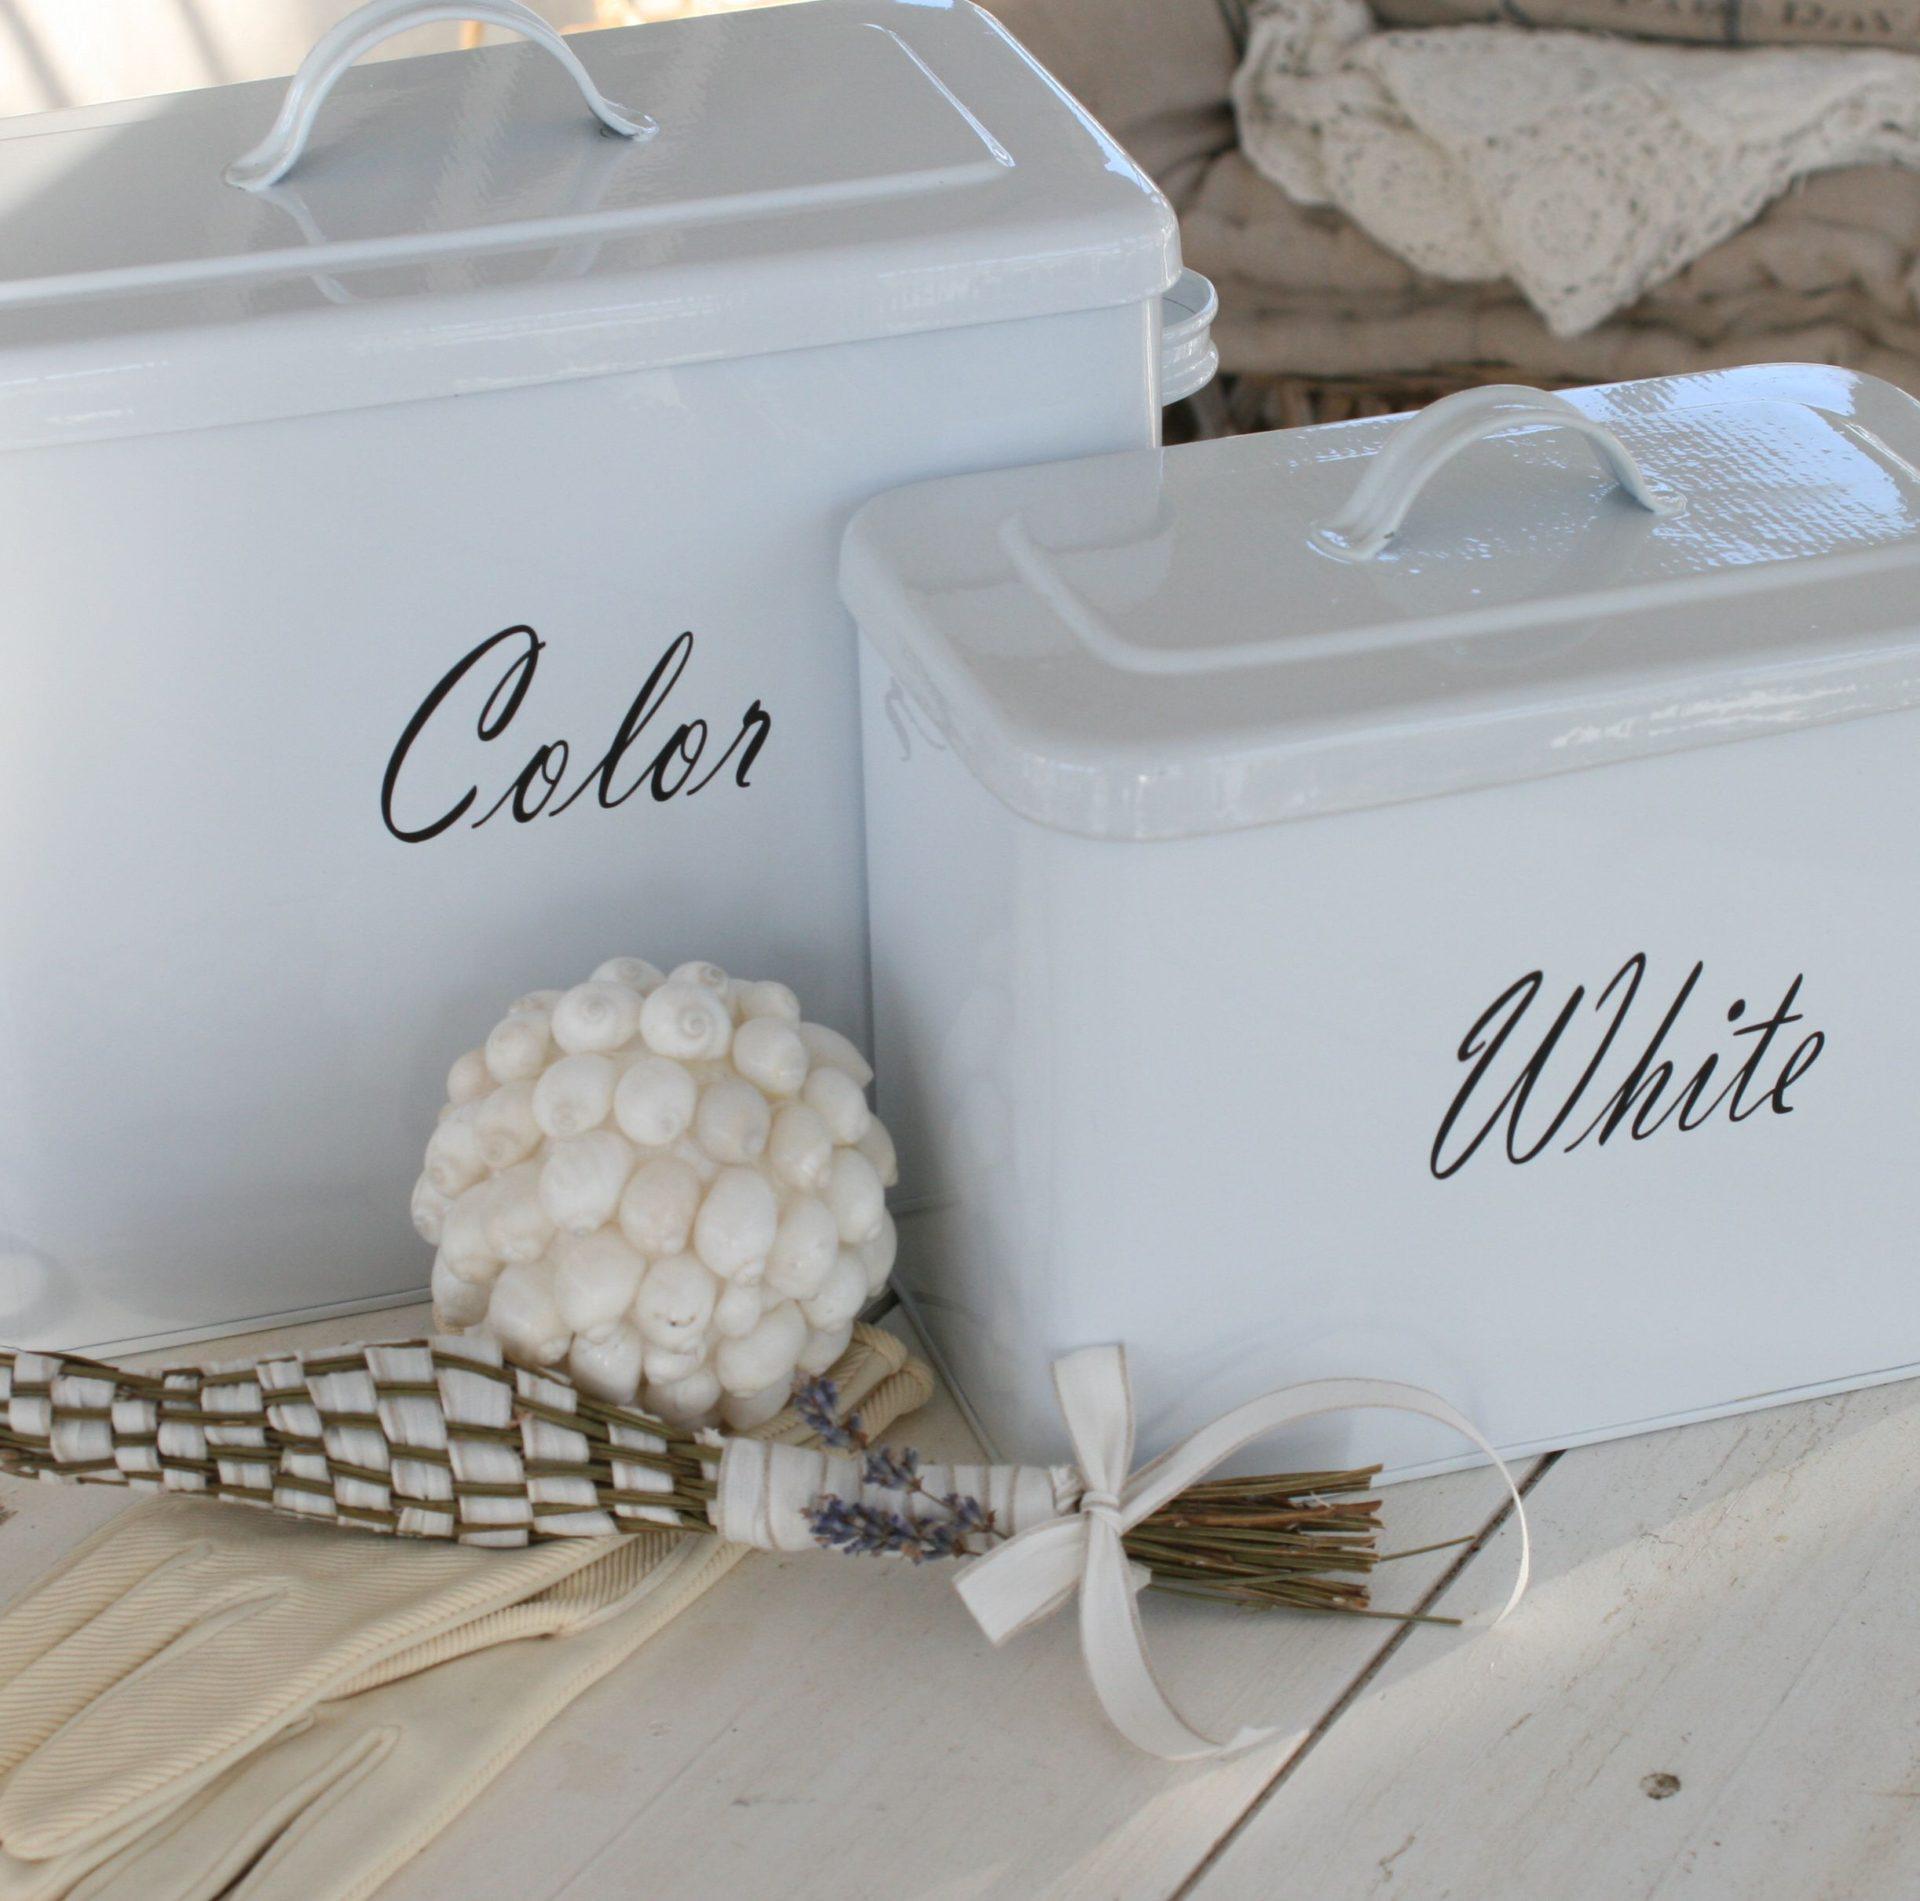 Wallsticker med Color og White